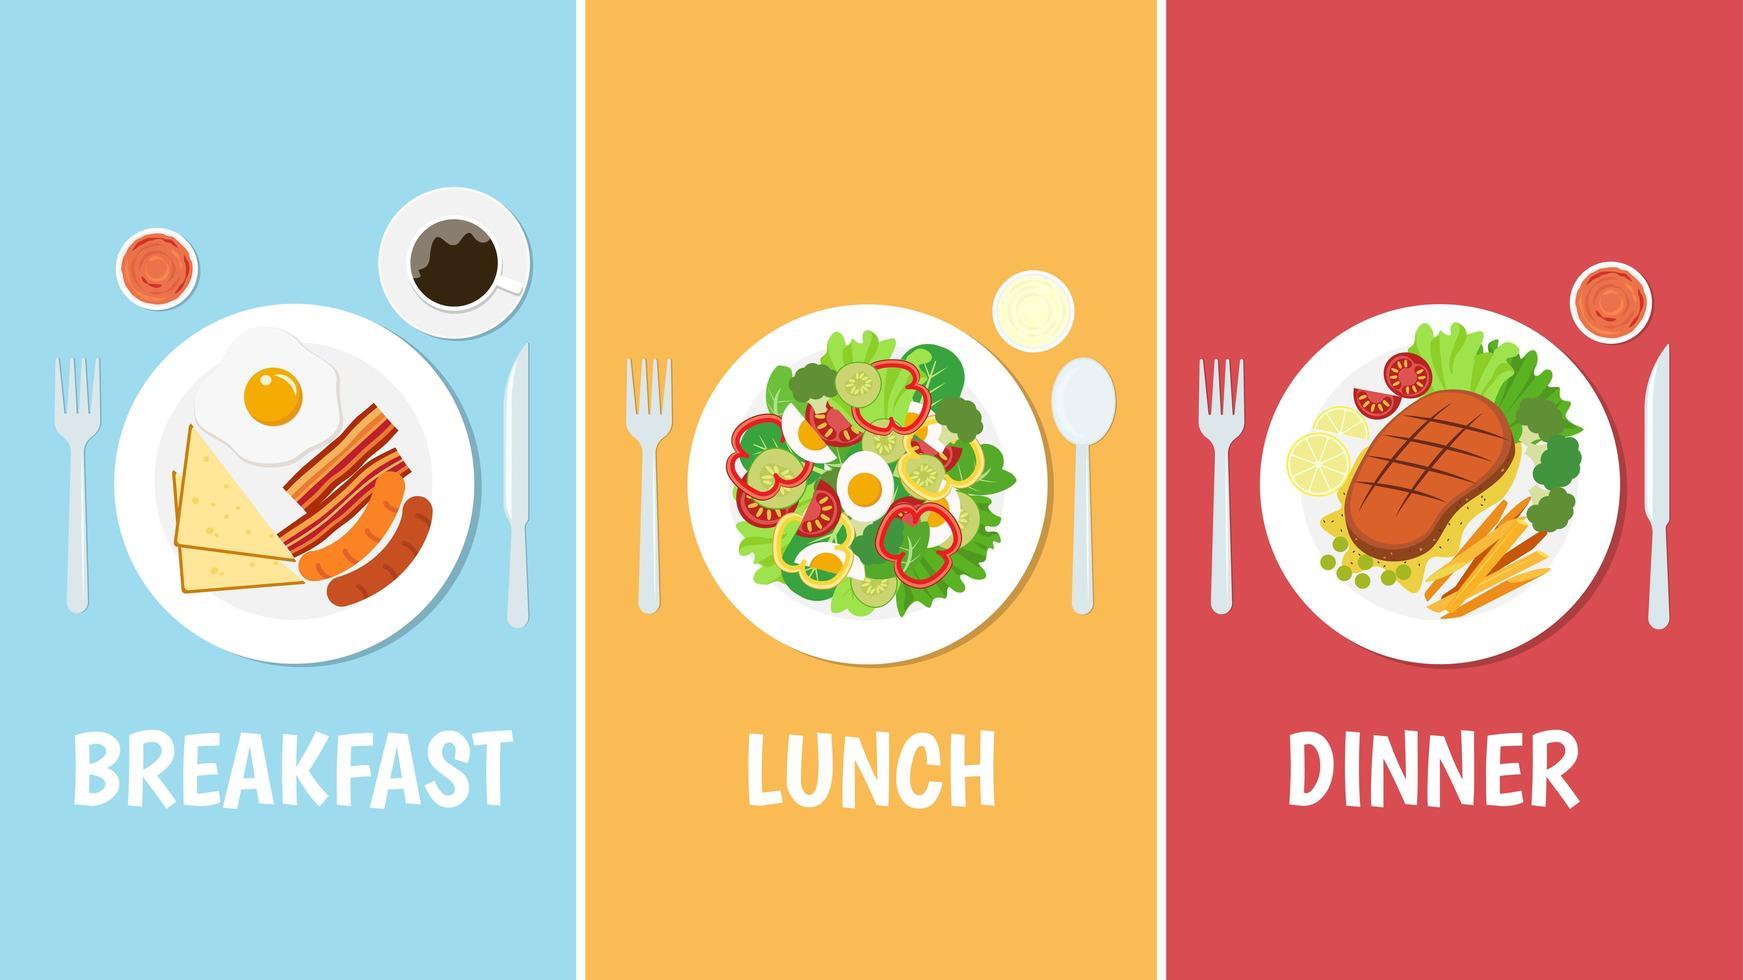 desayuno, almuerzo y cena vector